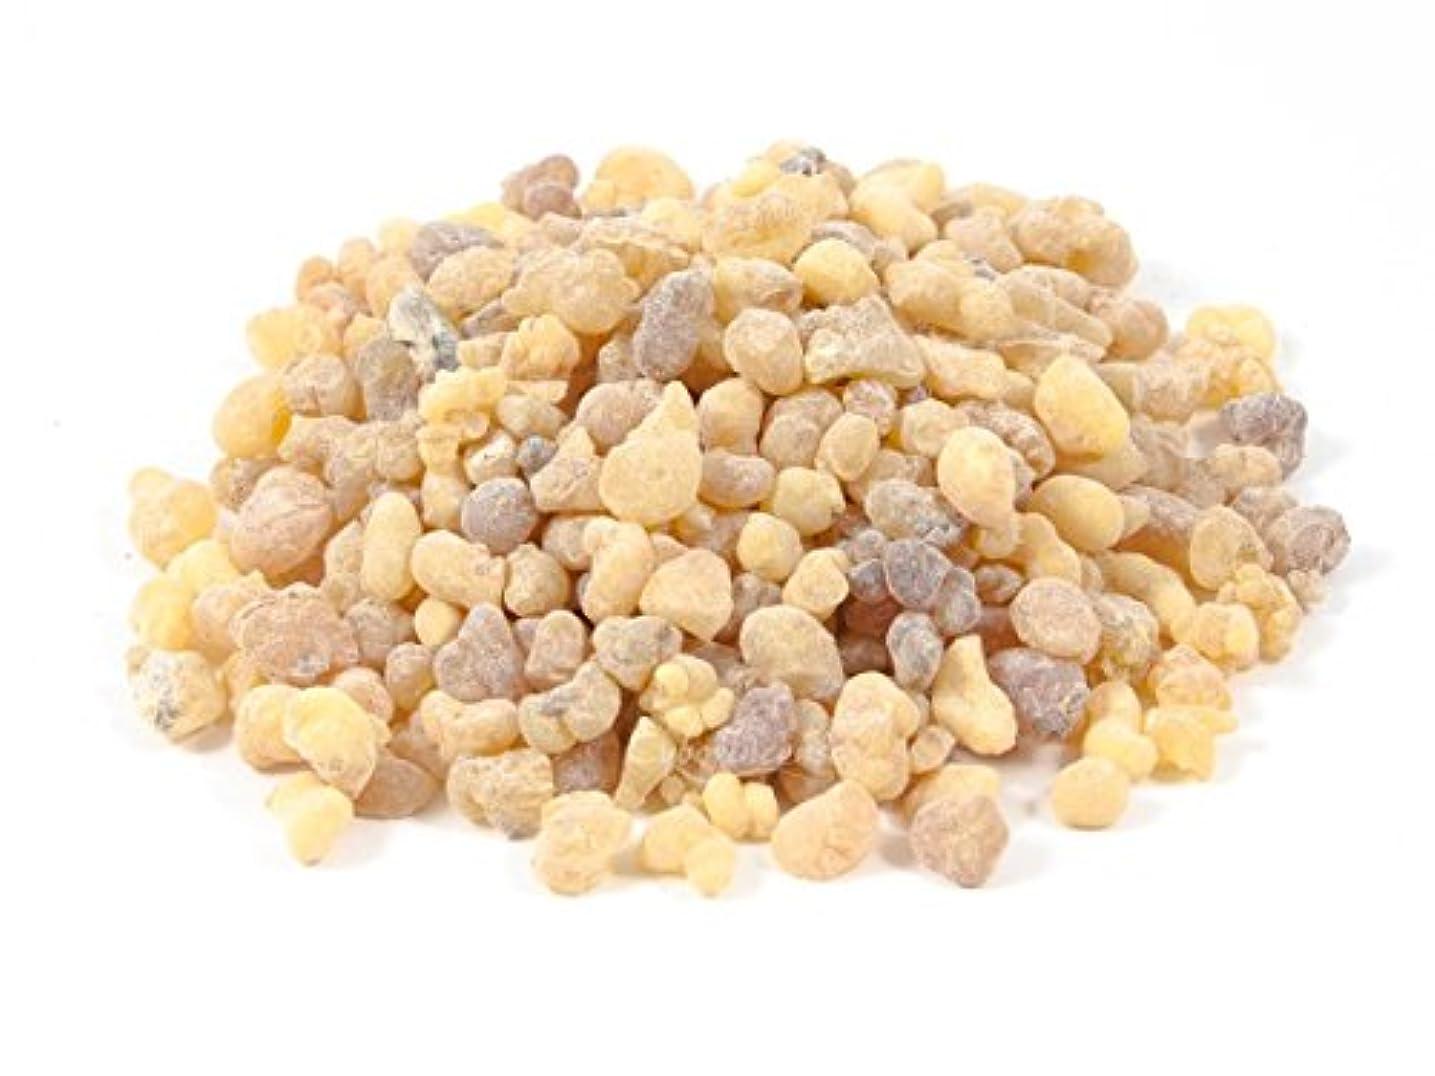 定期的なサーバ仮定する有機自然Frankincense樹脂Tears Gumプレミアム天然Incense Rock 30オンス= 840 GM byベツレヘムギフトTM